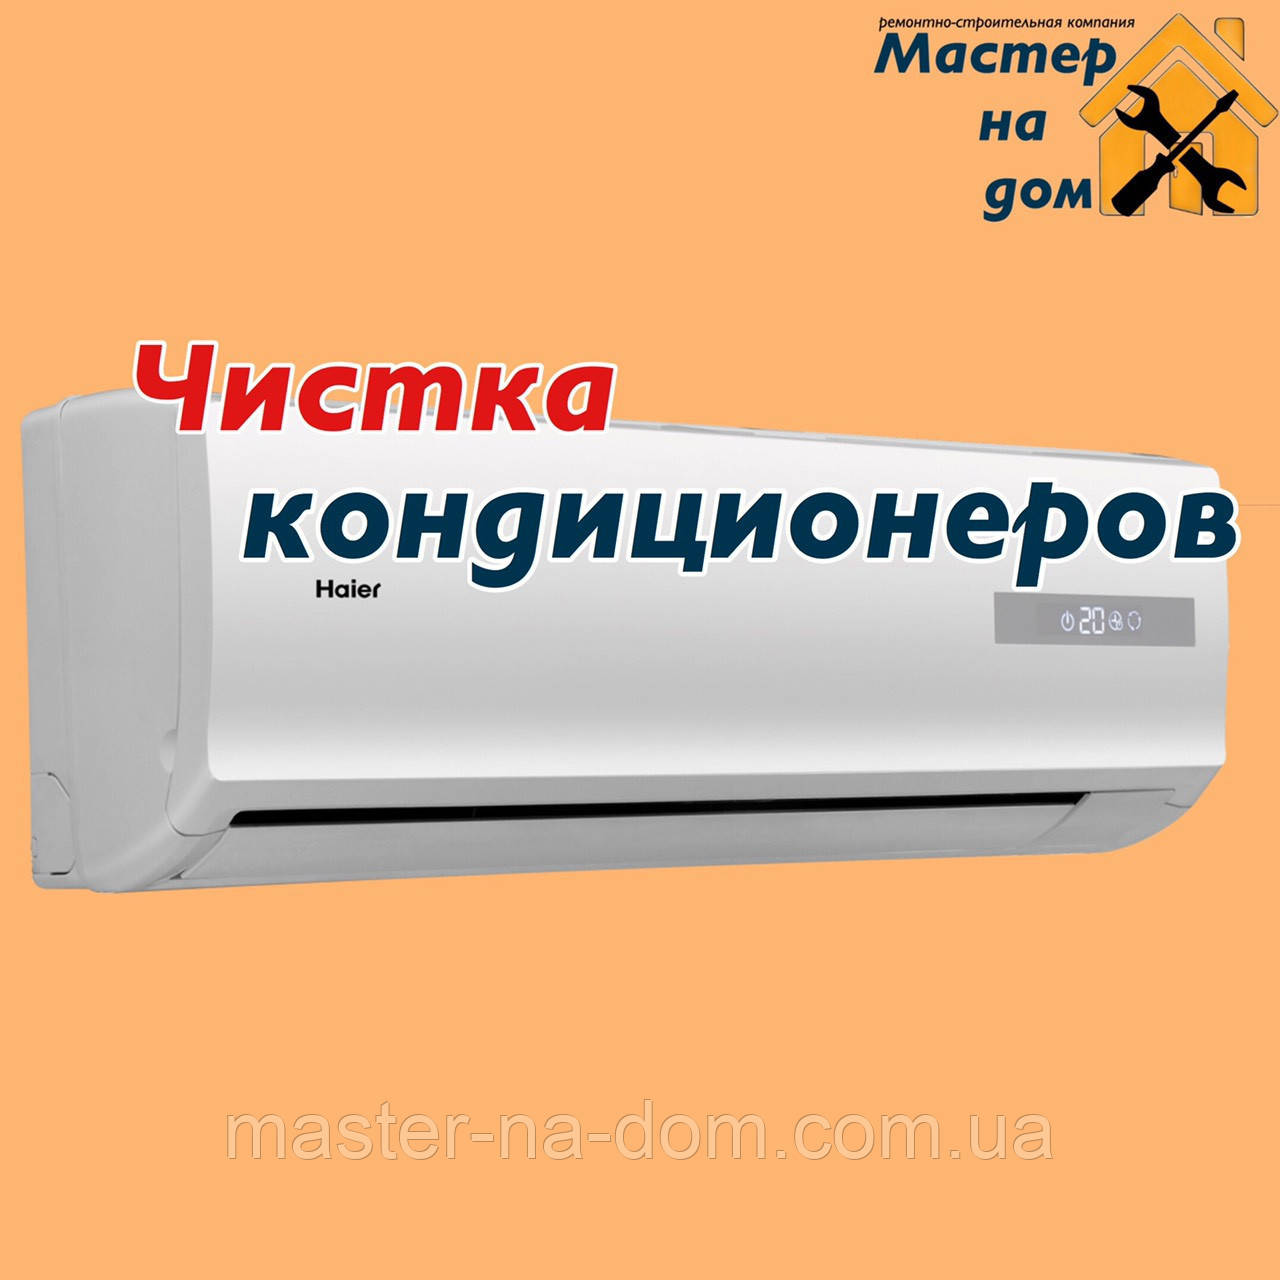 Чистка кондиционеров во Львове